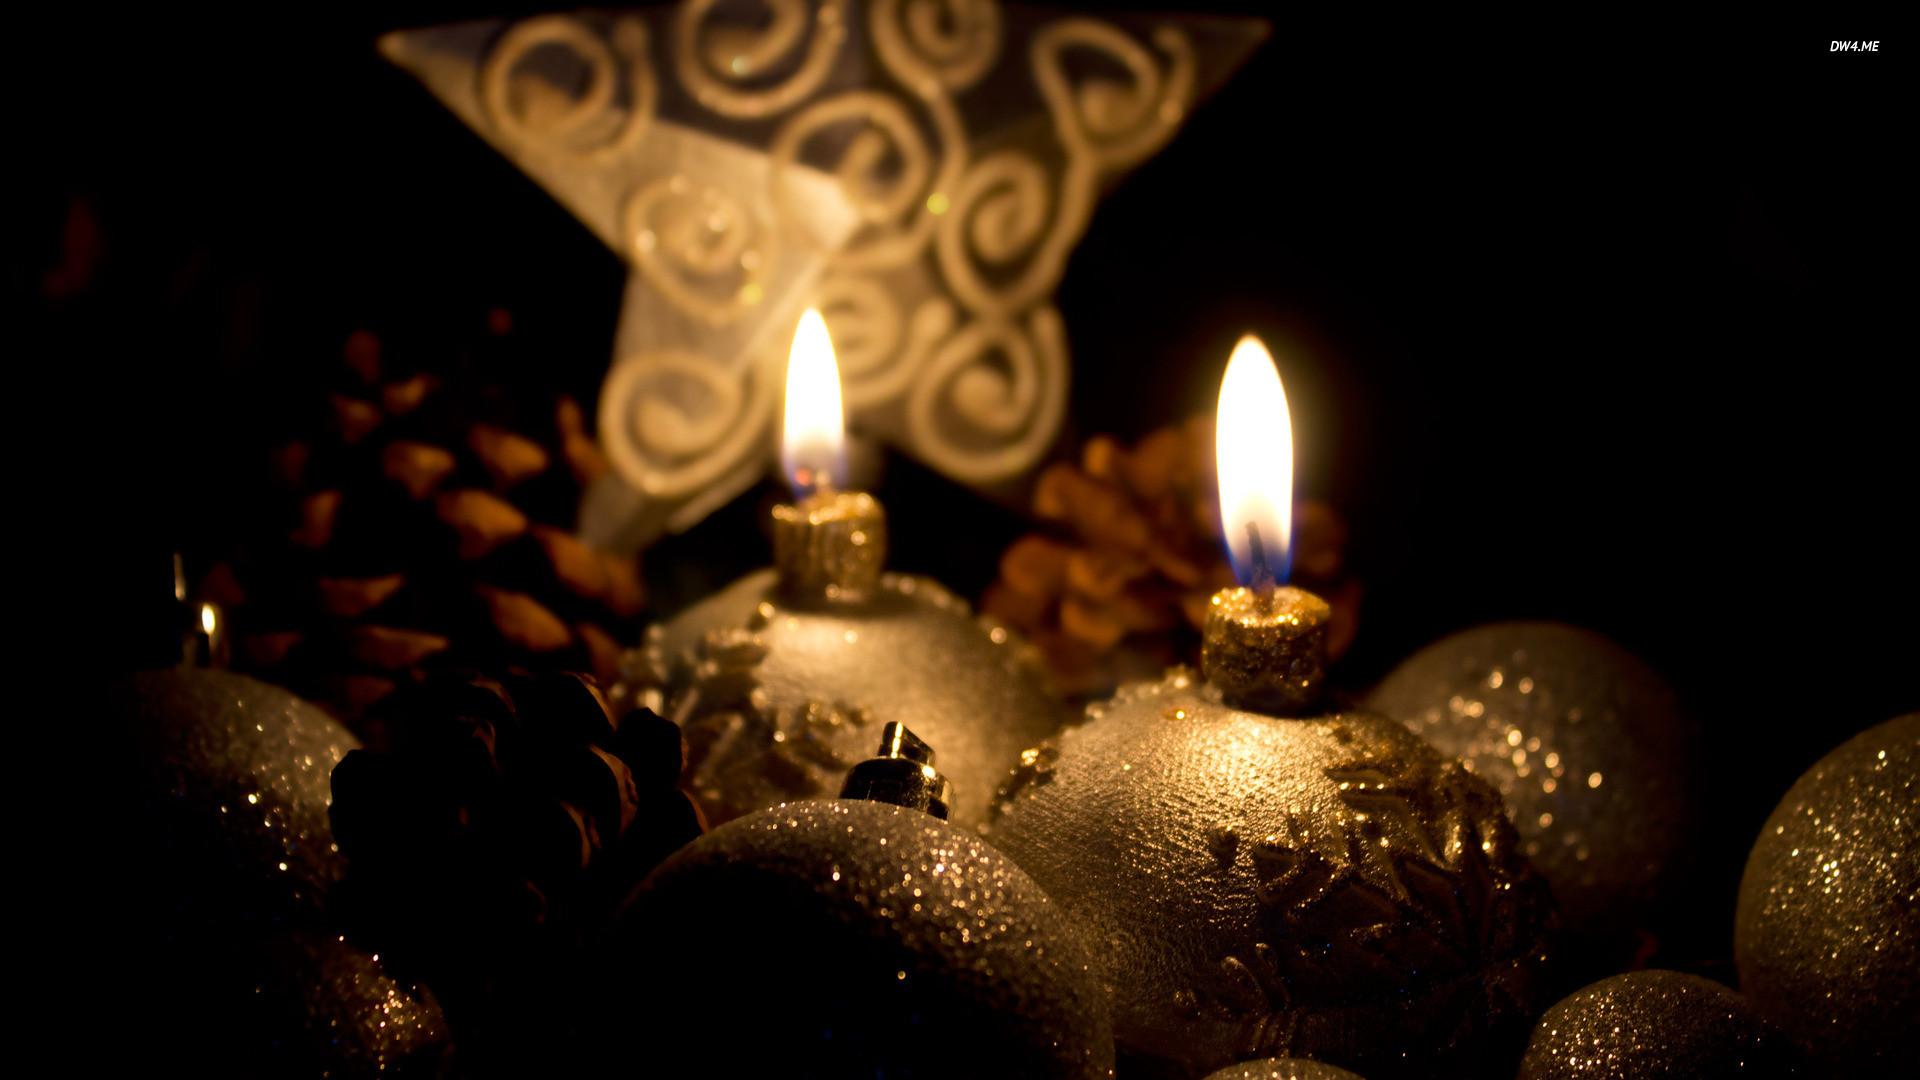 Golden Christmas candles wallpaper